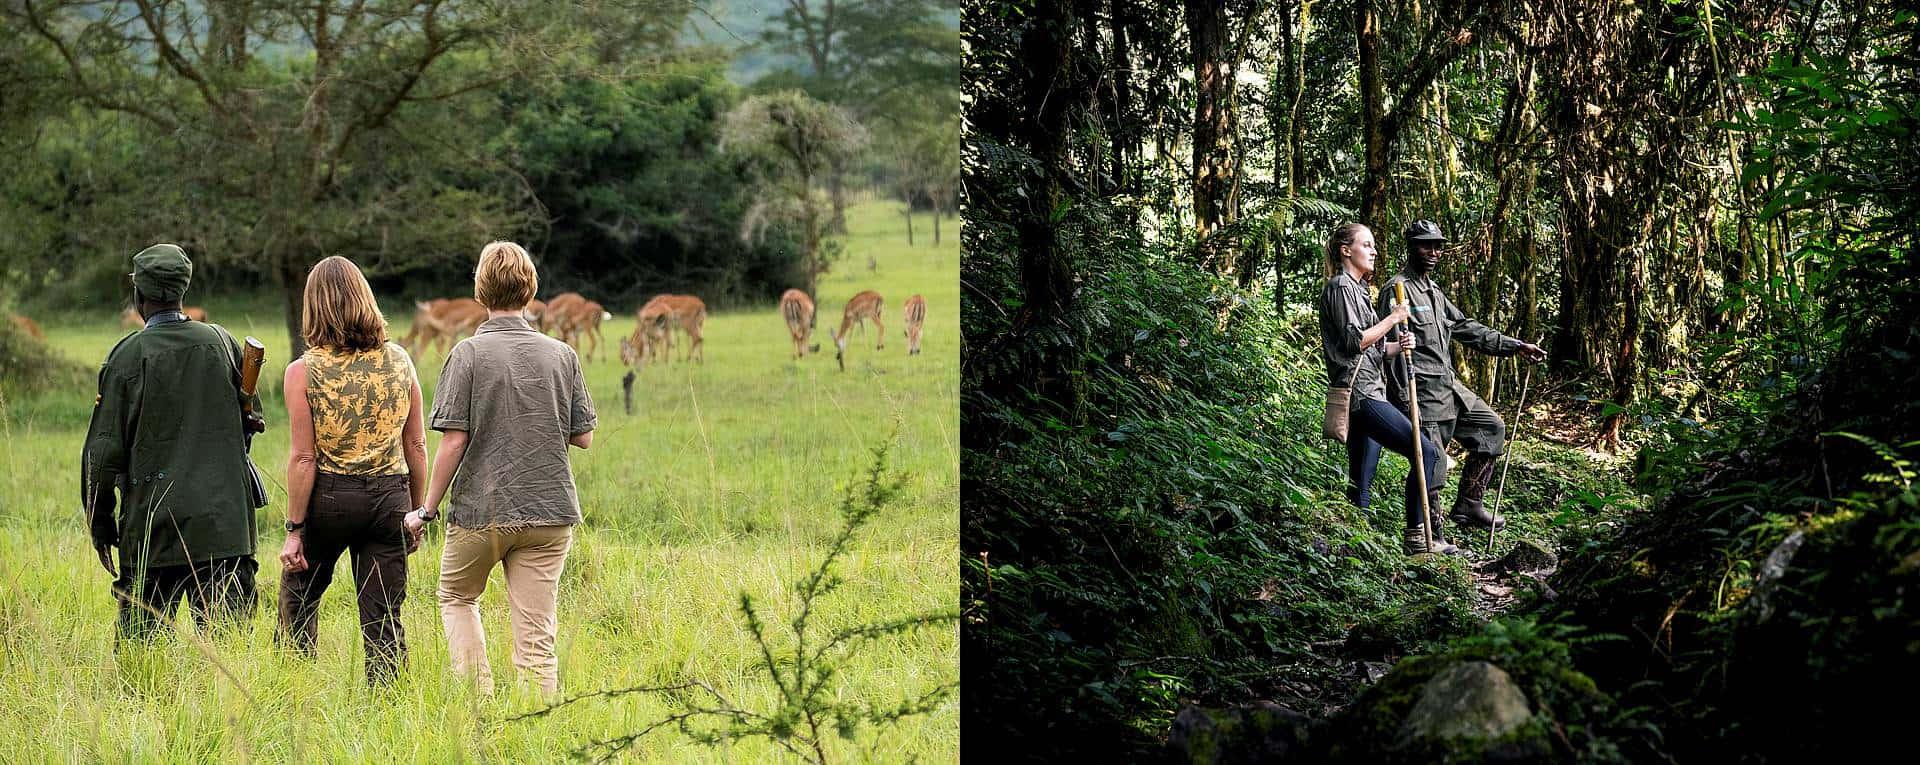 Hiking, Trekking & Bush Walking Safaris Trip Planning Guide For Uganda